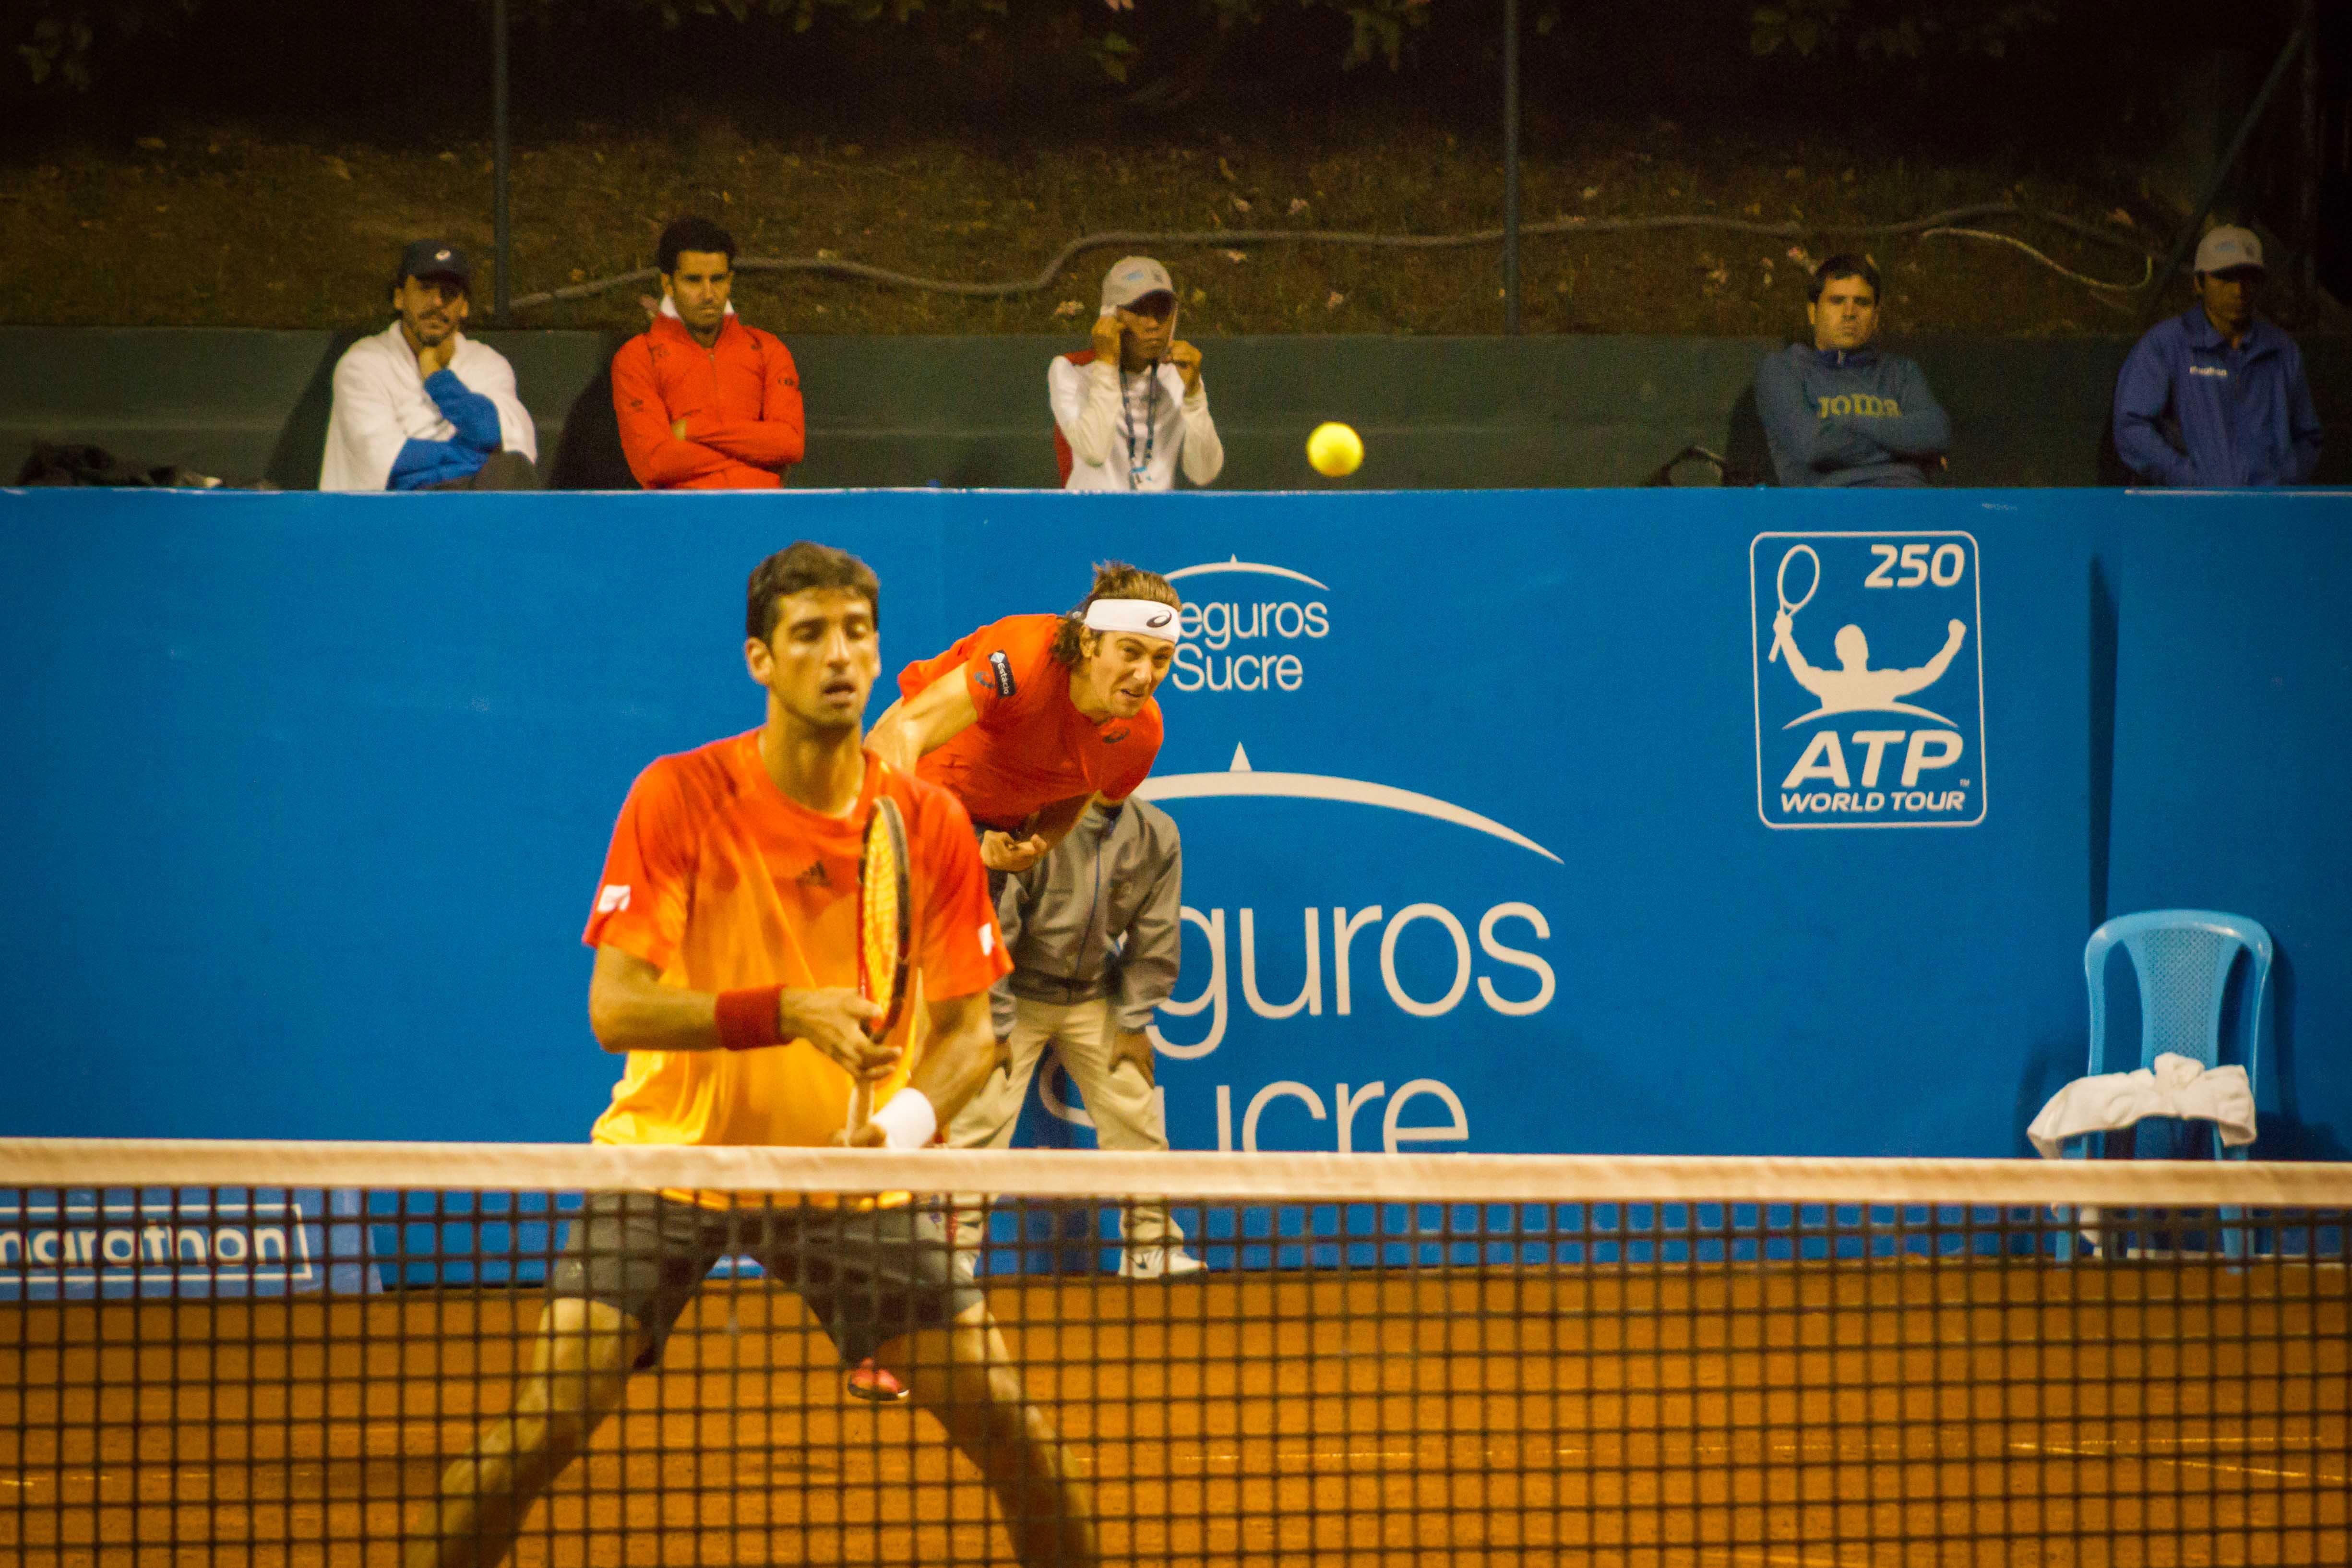 Marcelo Demoliner bate dupla 11ª favorita no US Open ao lado de Bellucci